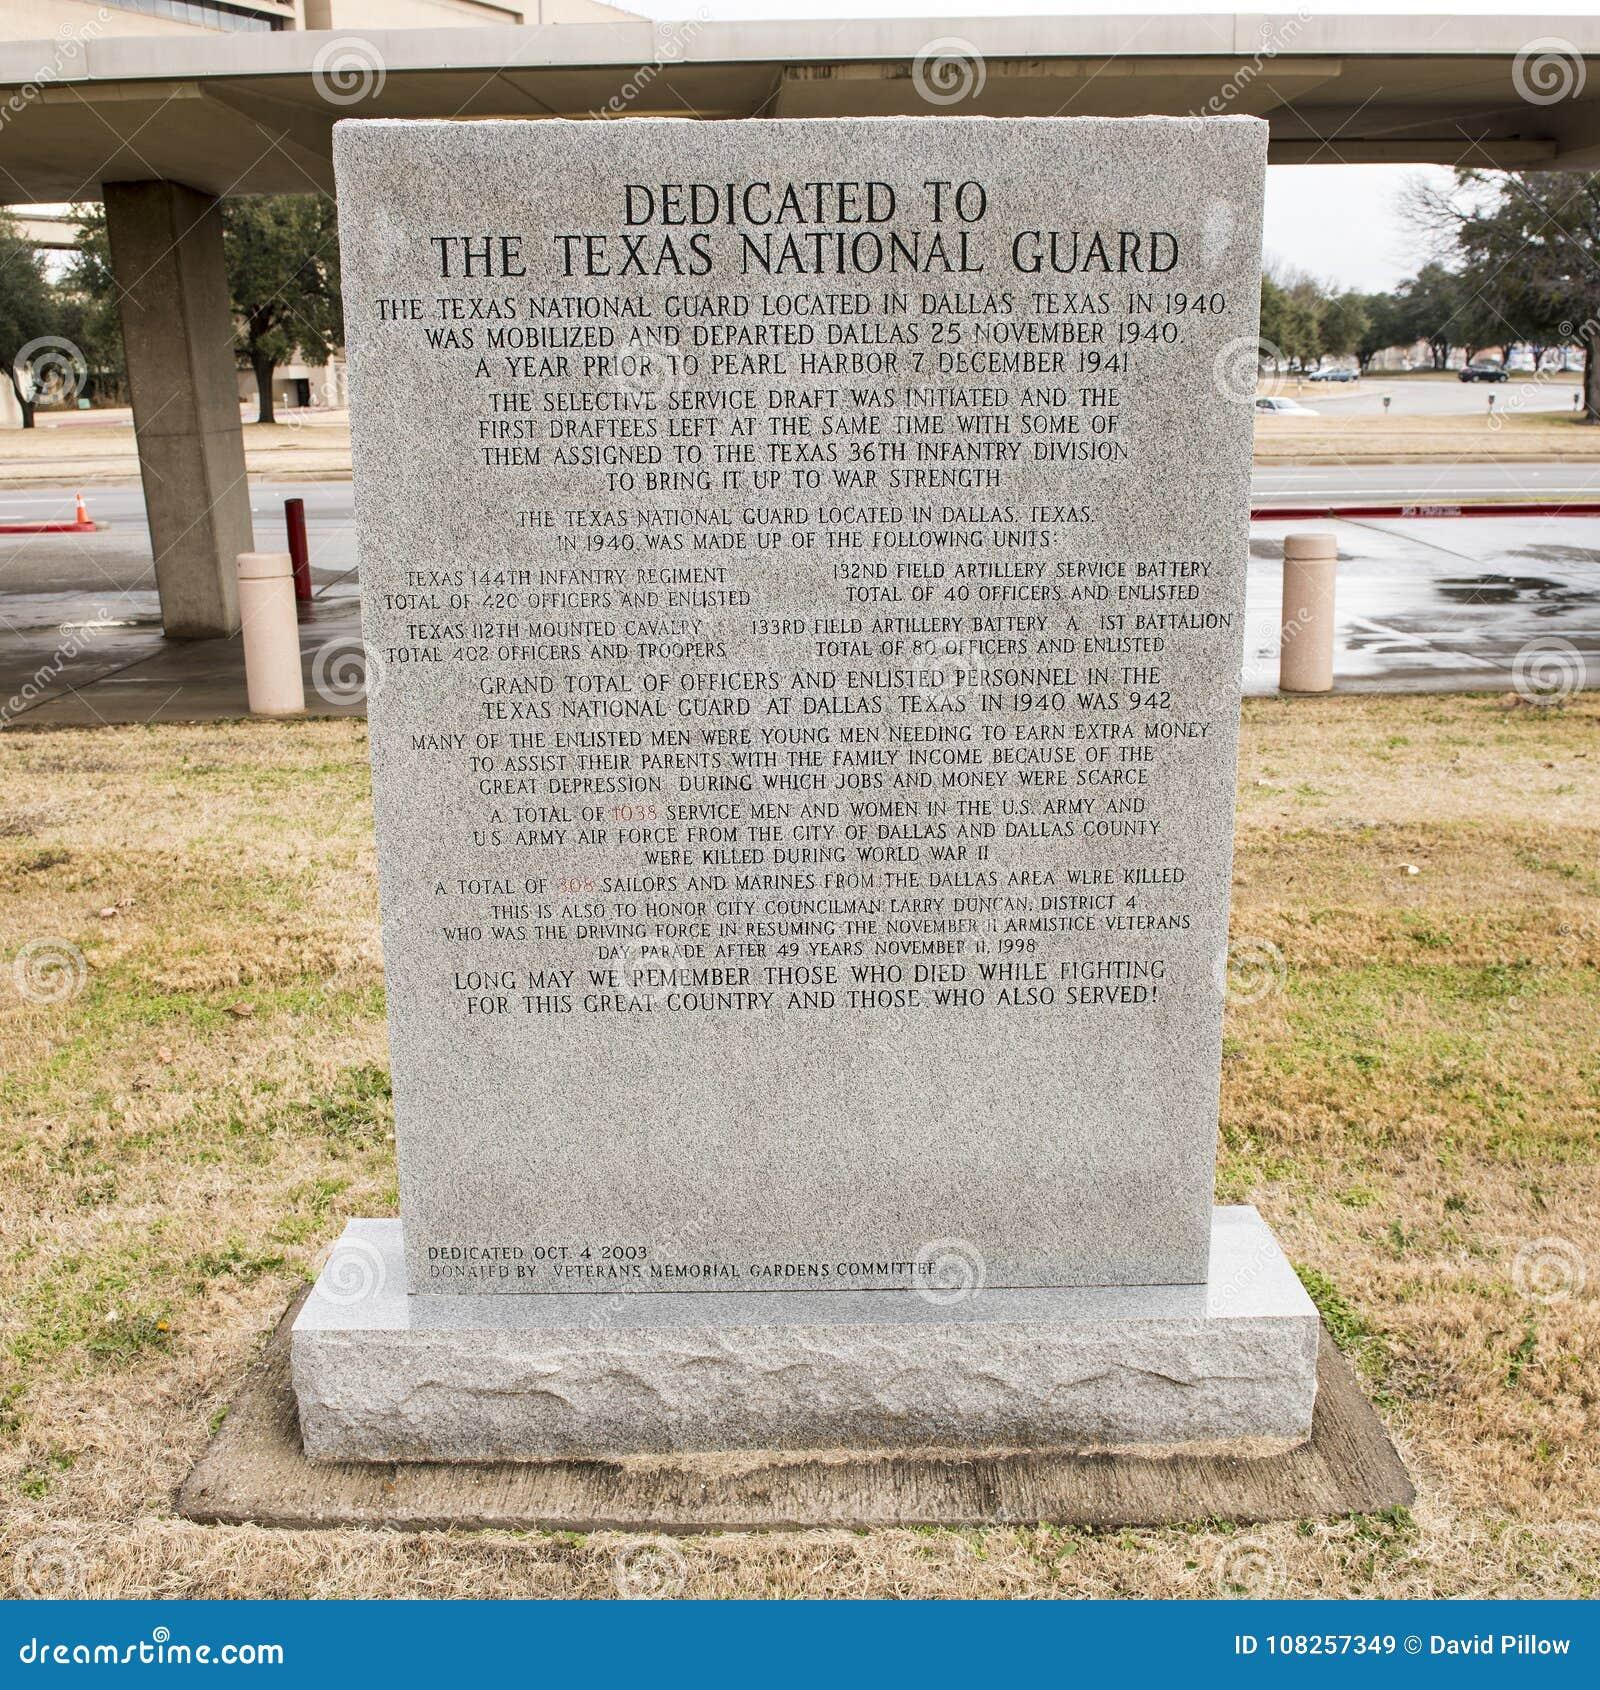 Monumento da guerra dedicado a Texas National Guard no jardim do memorial dos veteranos